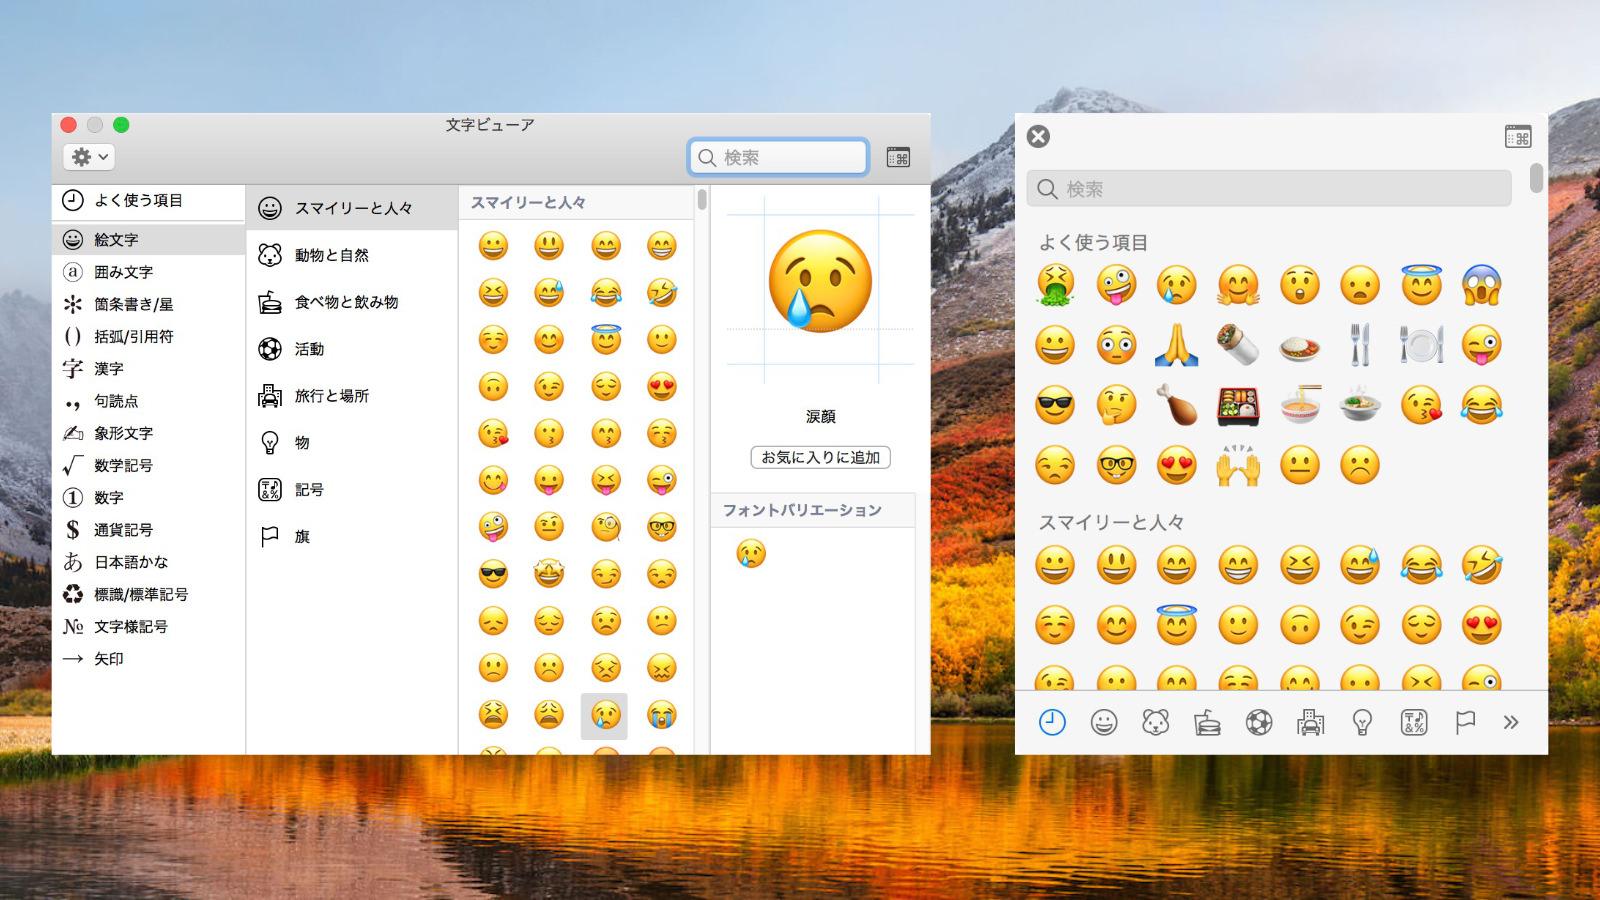 Emoji Panel Simple